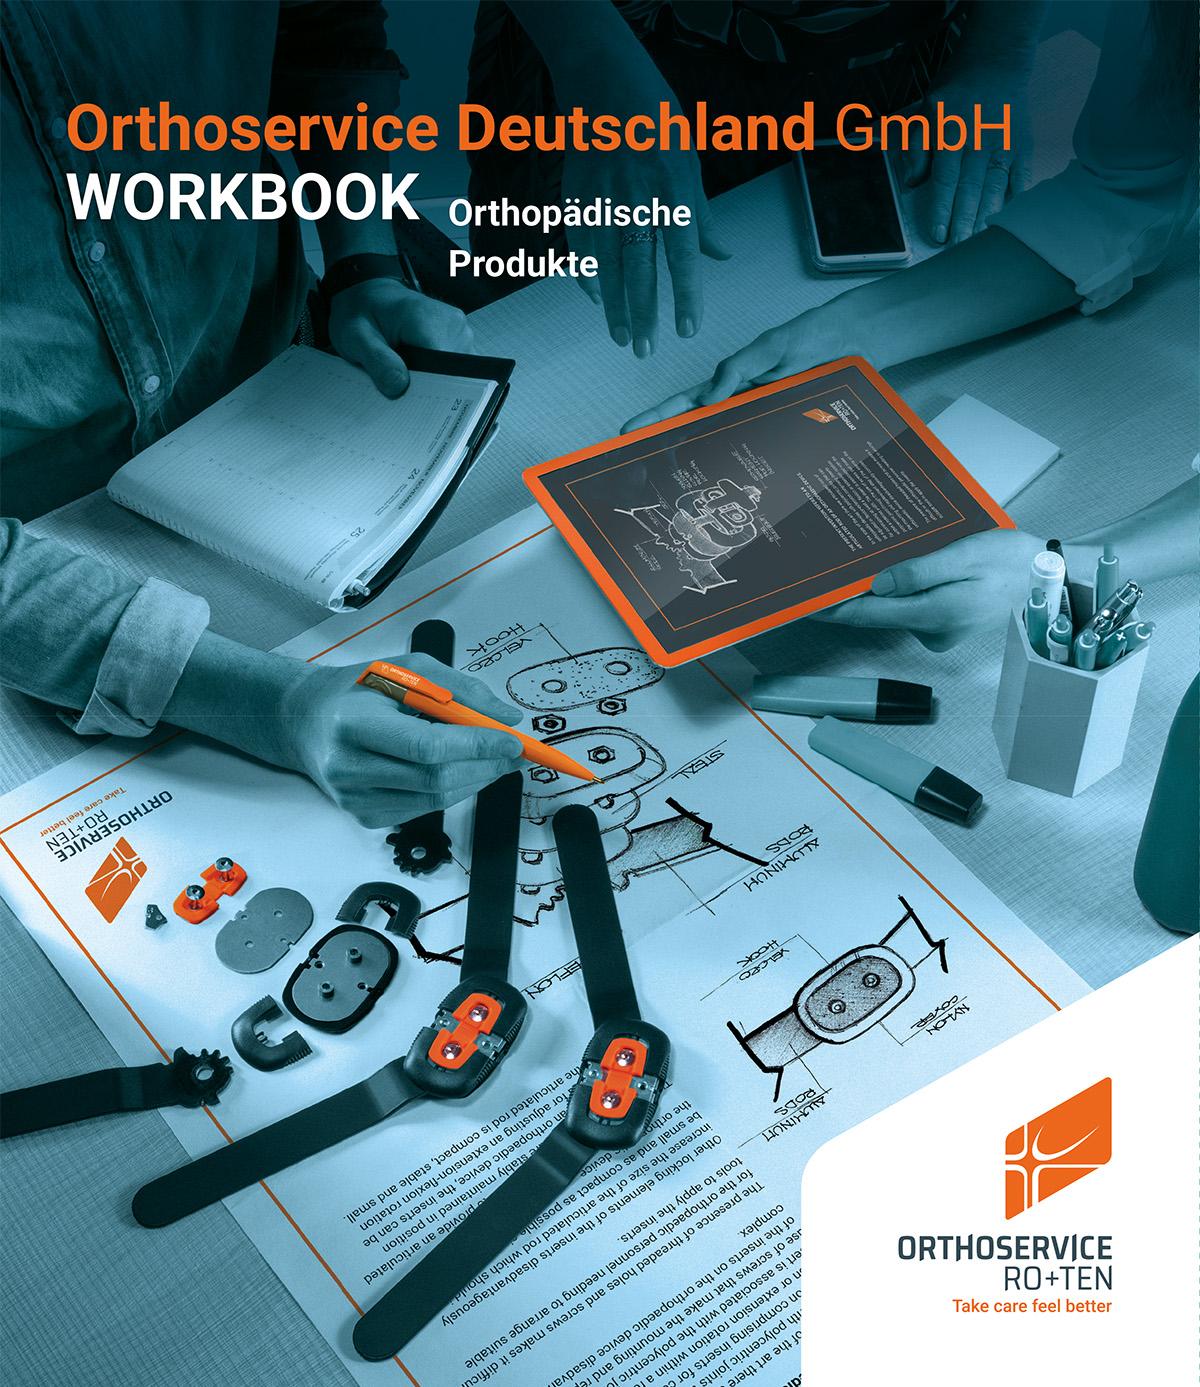 >Alles für eins, eins für alles – das Orthoservice Workbook